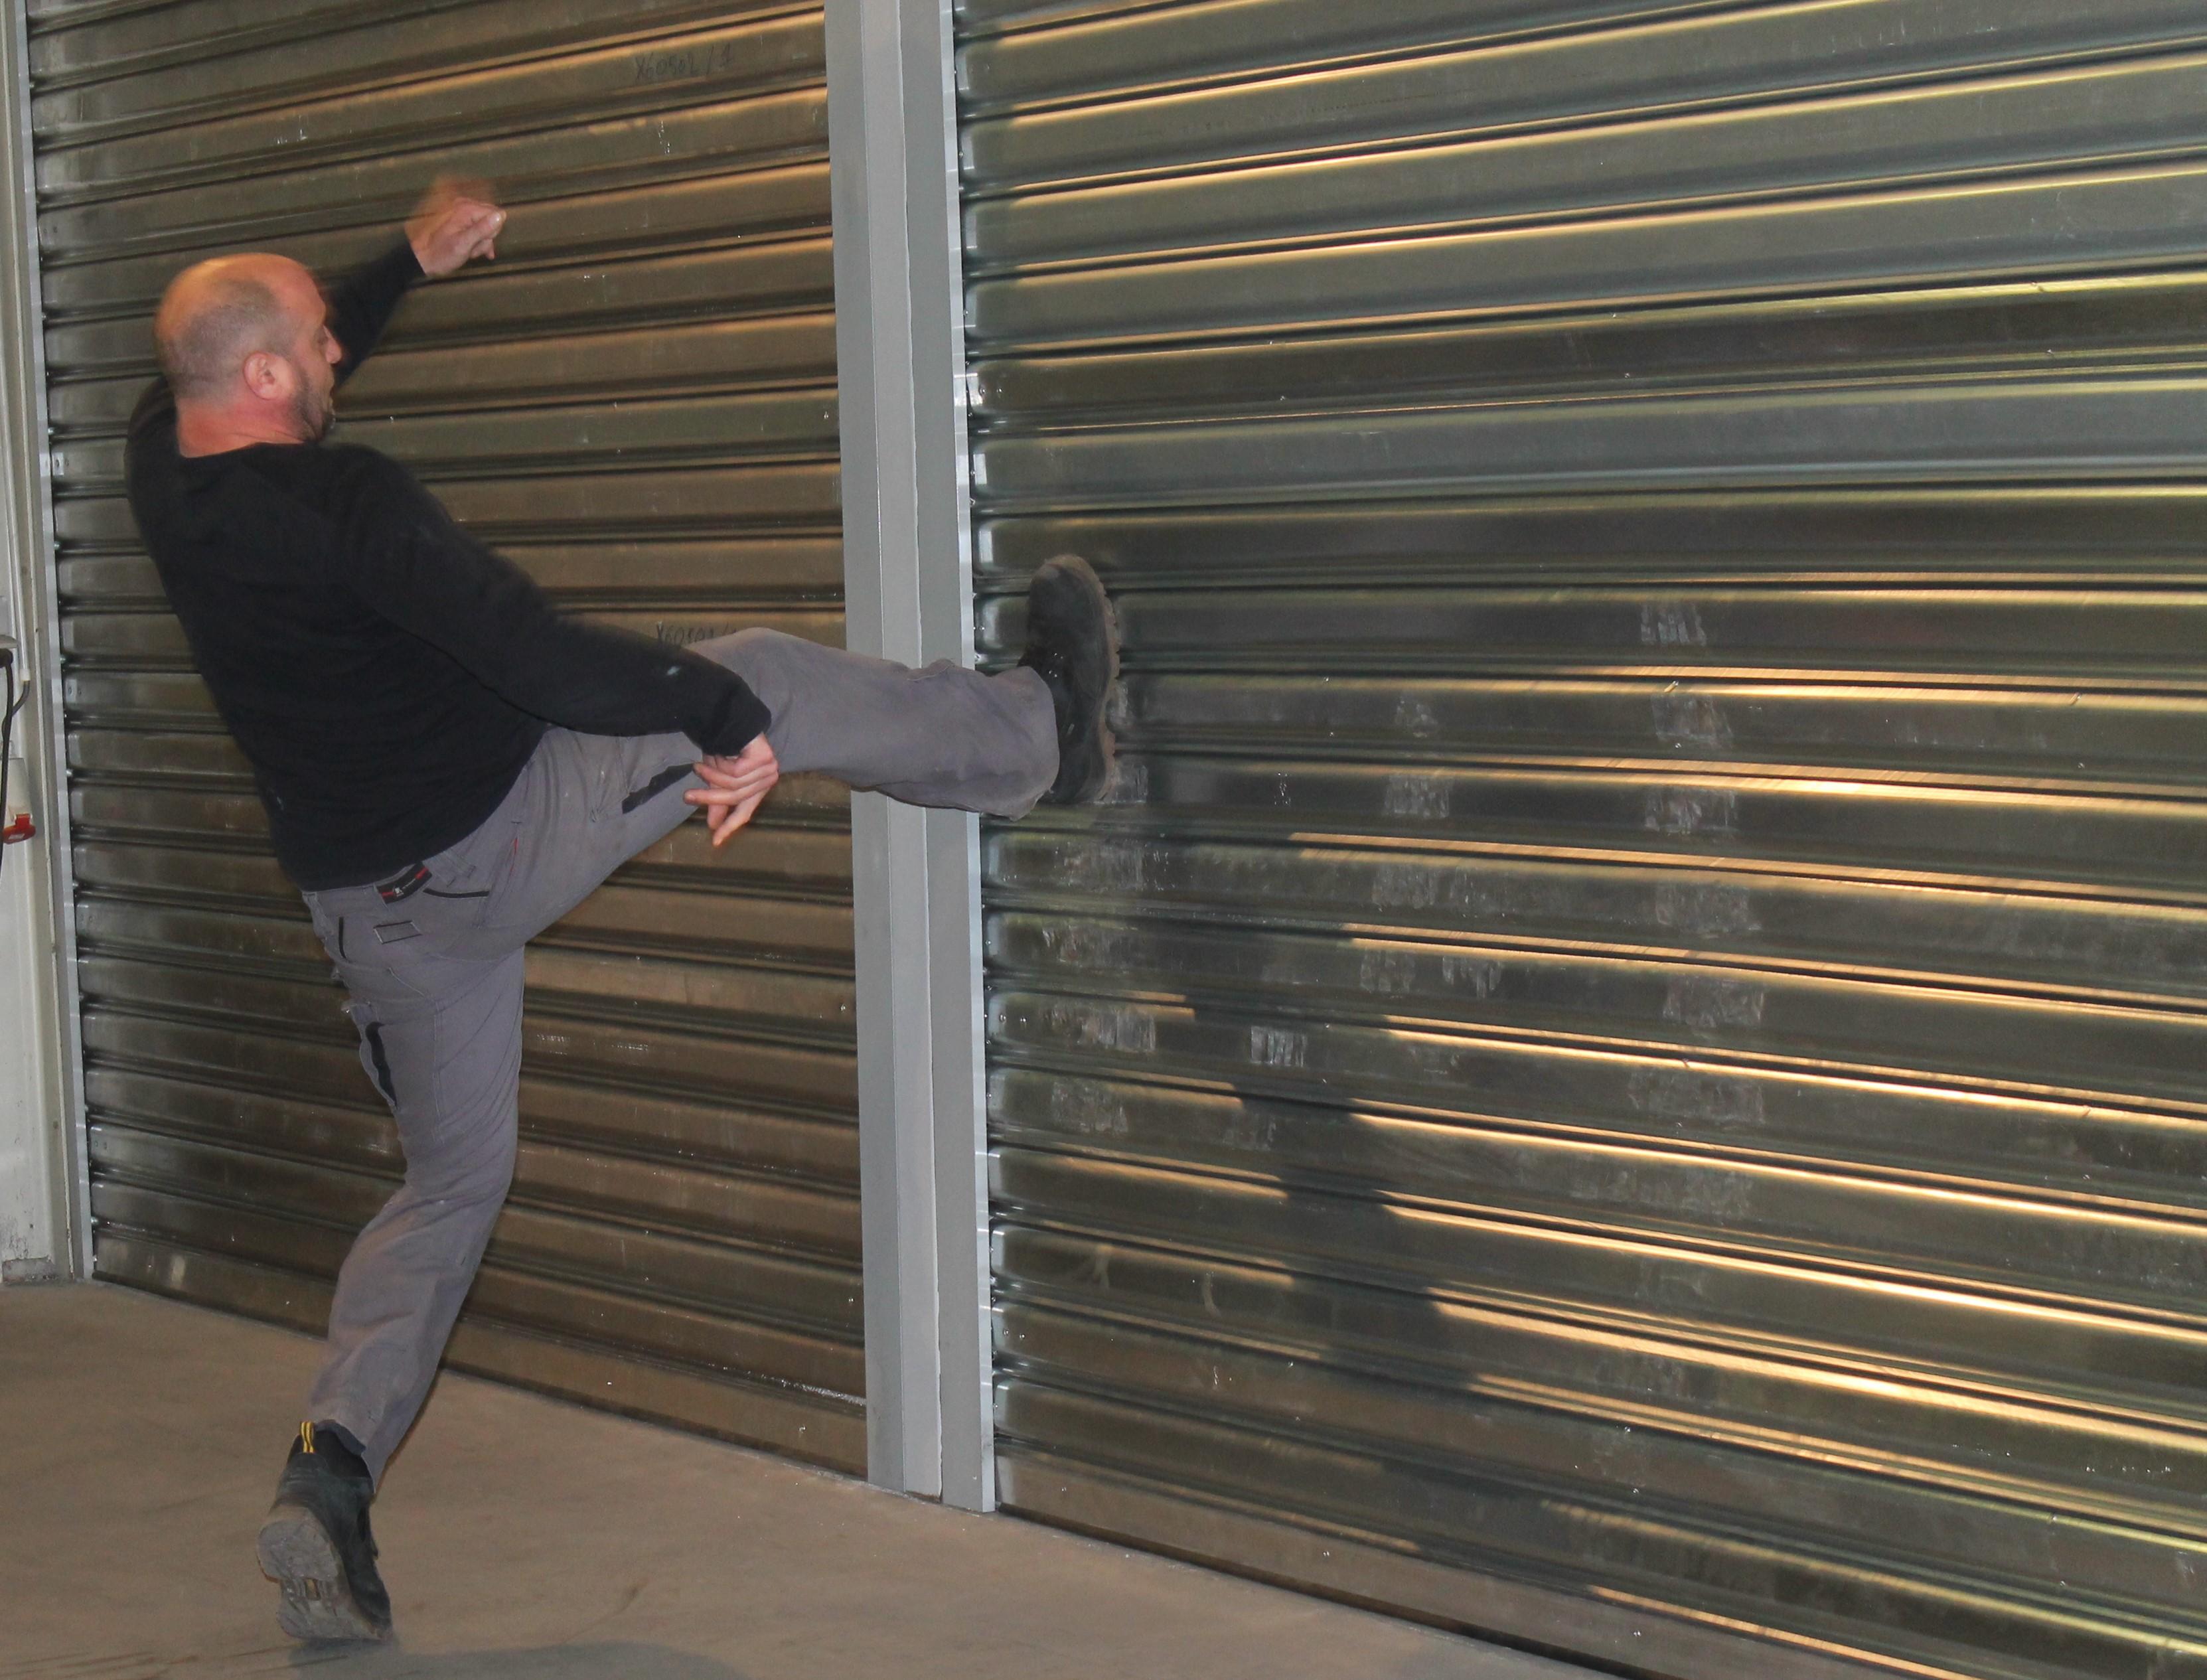 Contact panneaux pour portes sectionnelles 100 propre for Rideau garage electrique prix